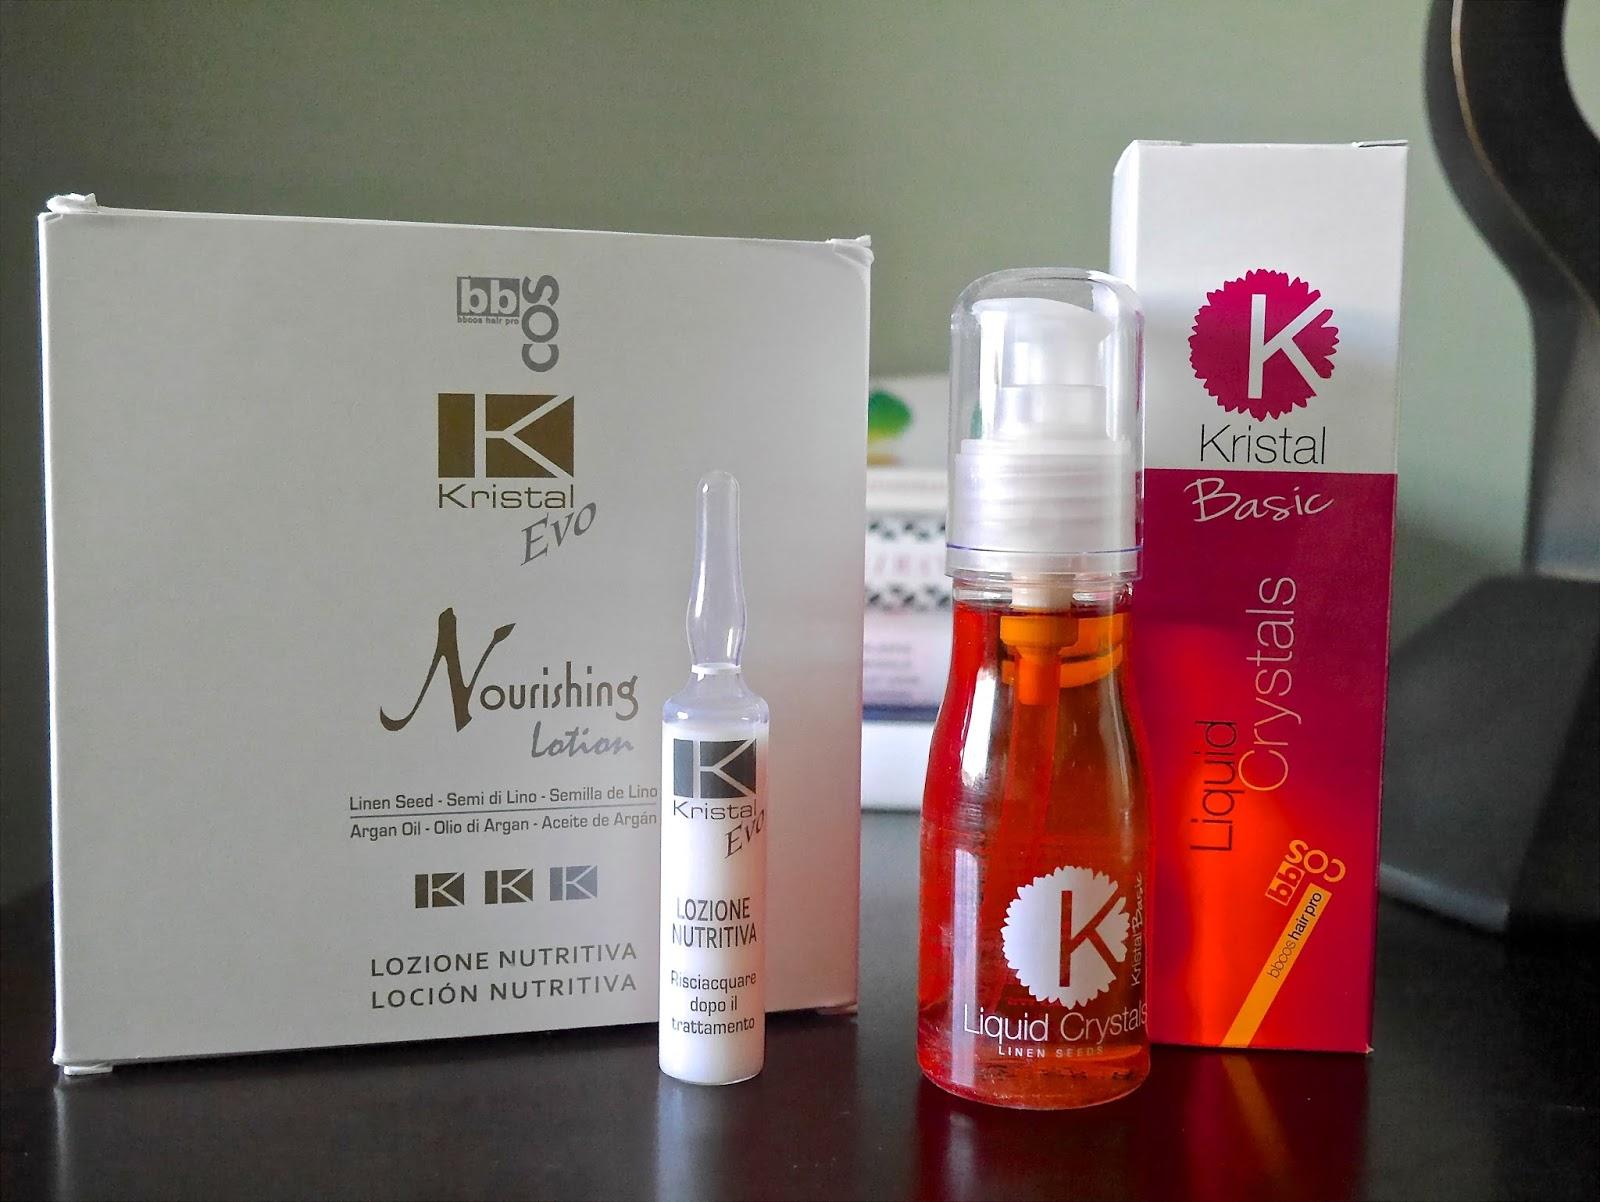 hair care, shampoo, hair serum, hair shine, hair wax, hair gel, professional hair care